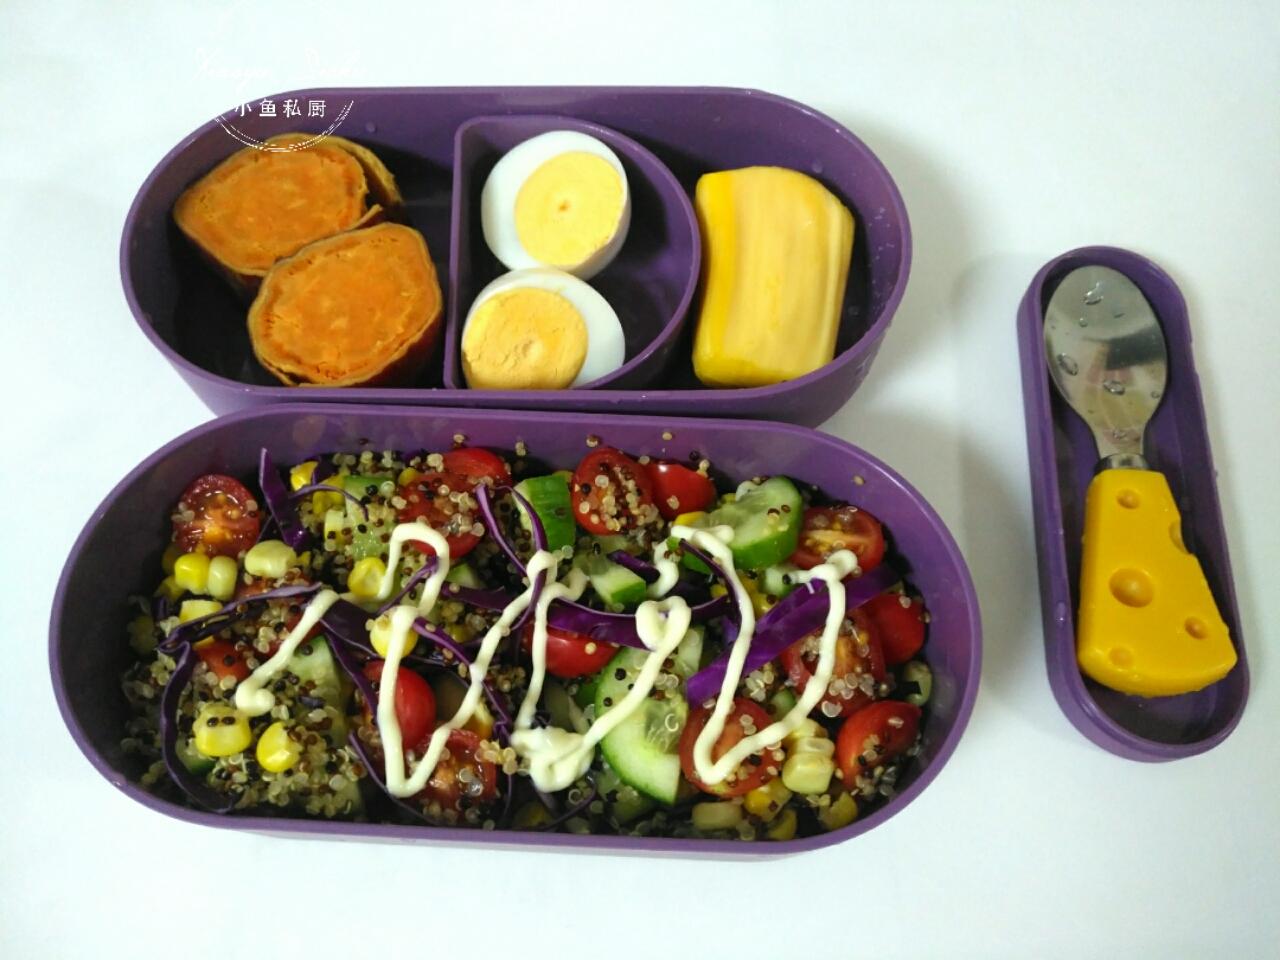 尹正同款减脂餐,一周7天不重样,低脂营养又好吃,做法超简单